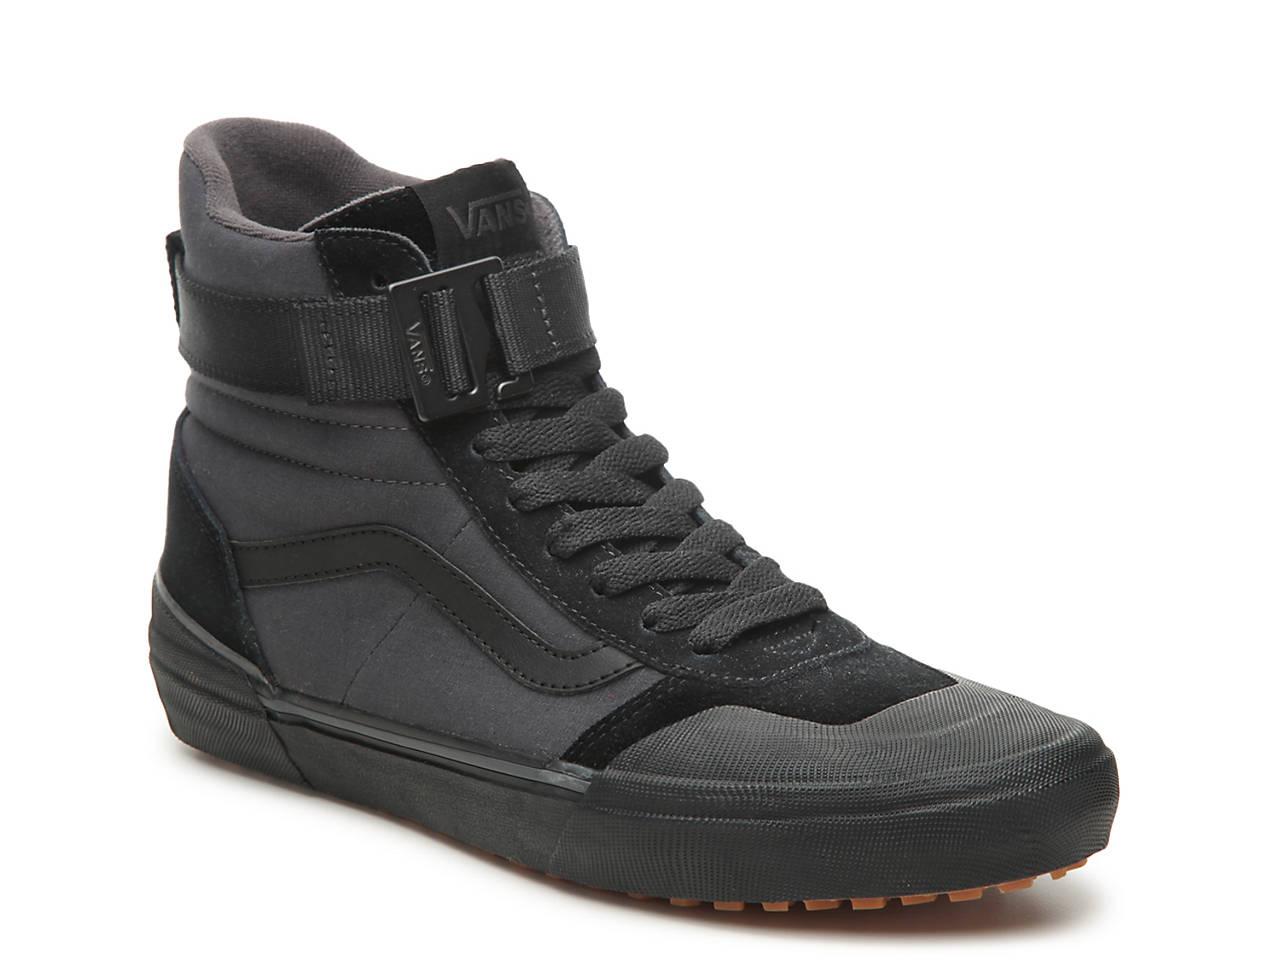 bbf1cad20a Vans Ward Hi MTE High-Top Sneaker - Men s Men s Shoes